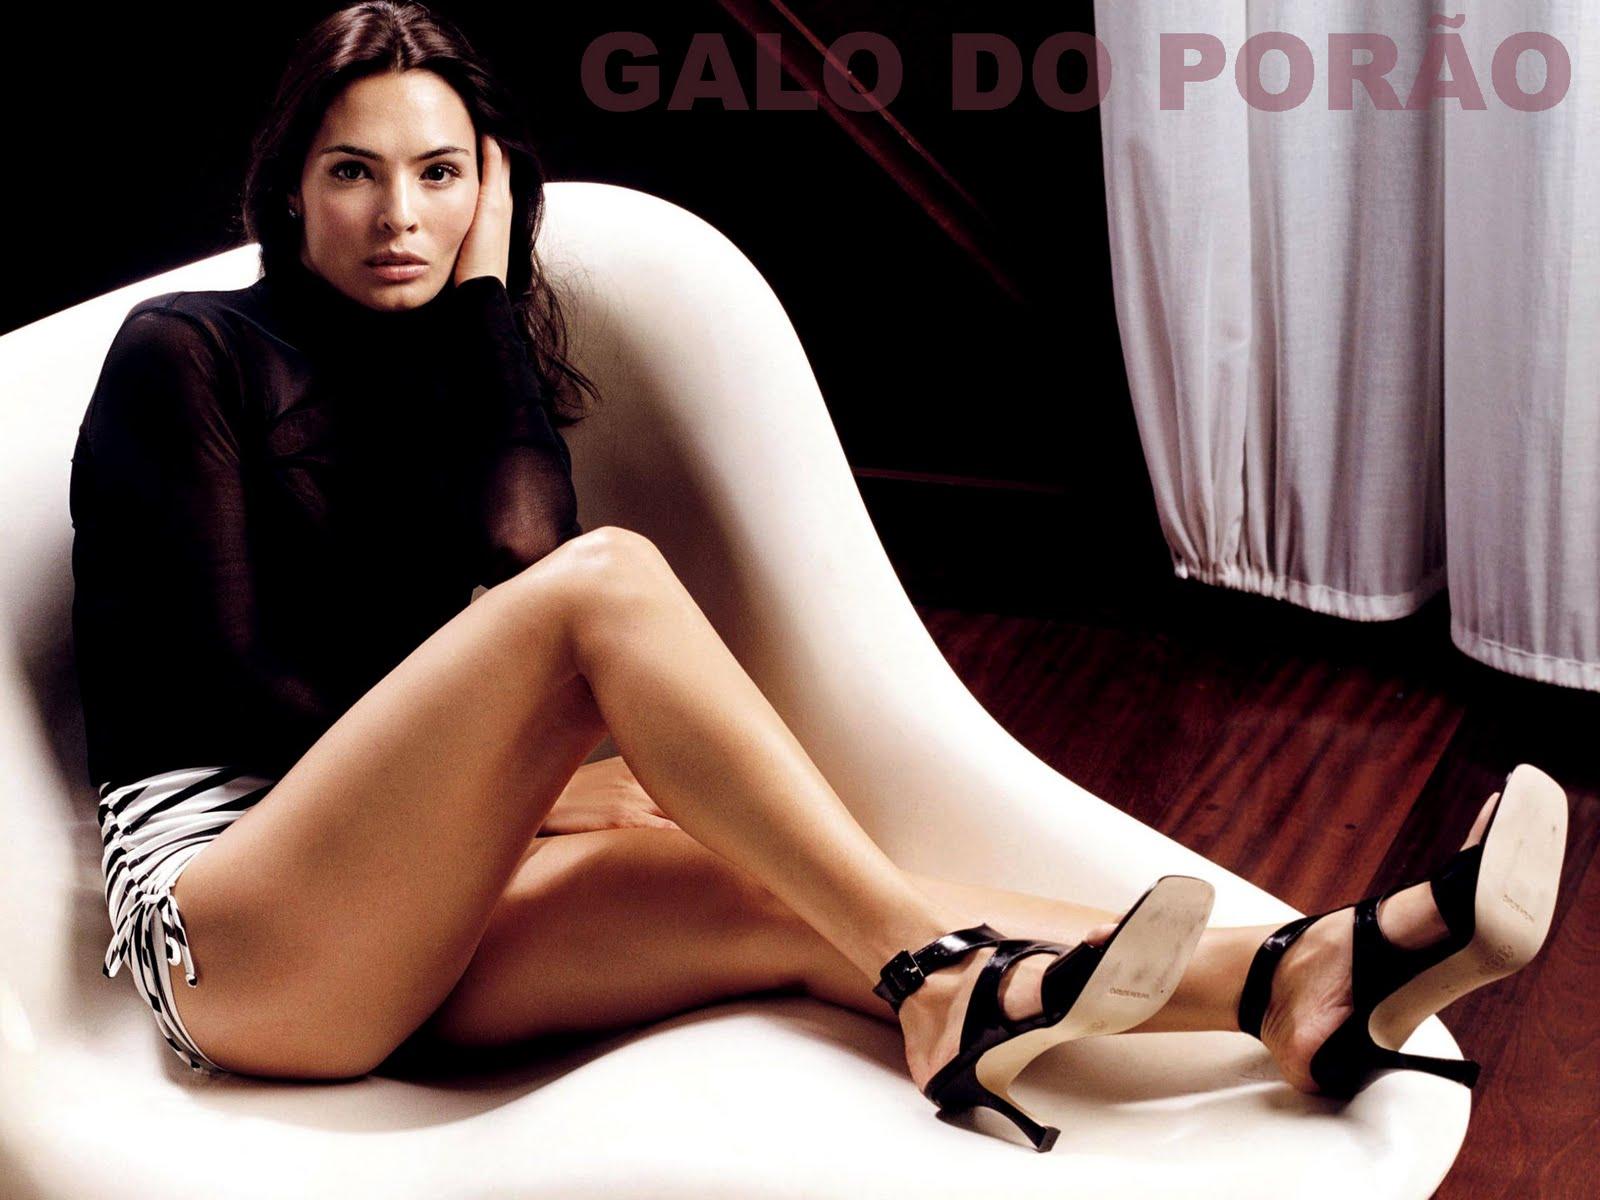 http://3.bp.blogspot.com/_6QURoNy4-5k/S9sp42H6ydI/AAAAAAAAEks/zV9SVcV_fsc/s1600/Talisa+Soto.jpg